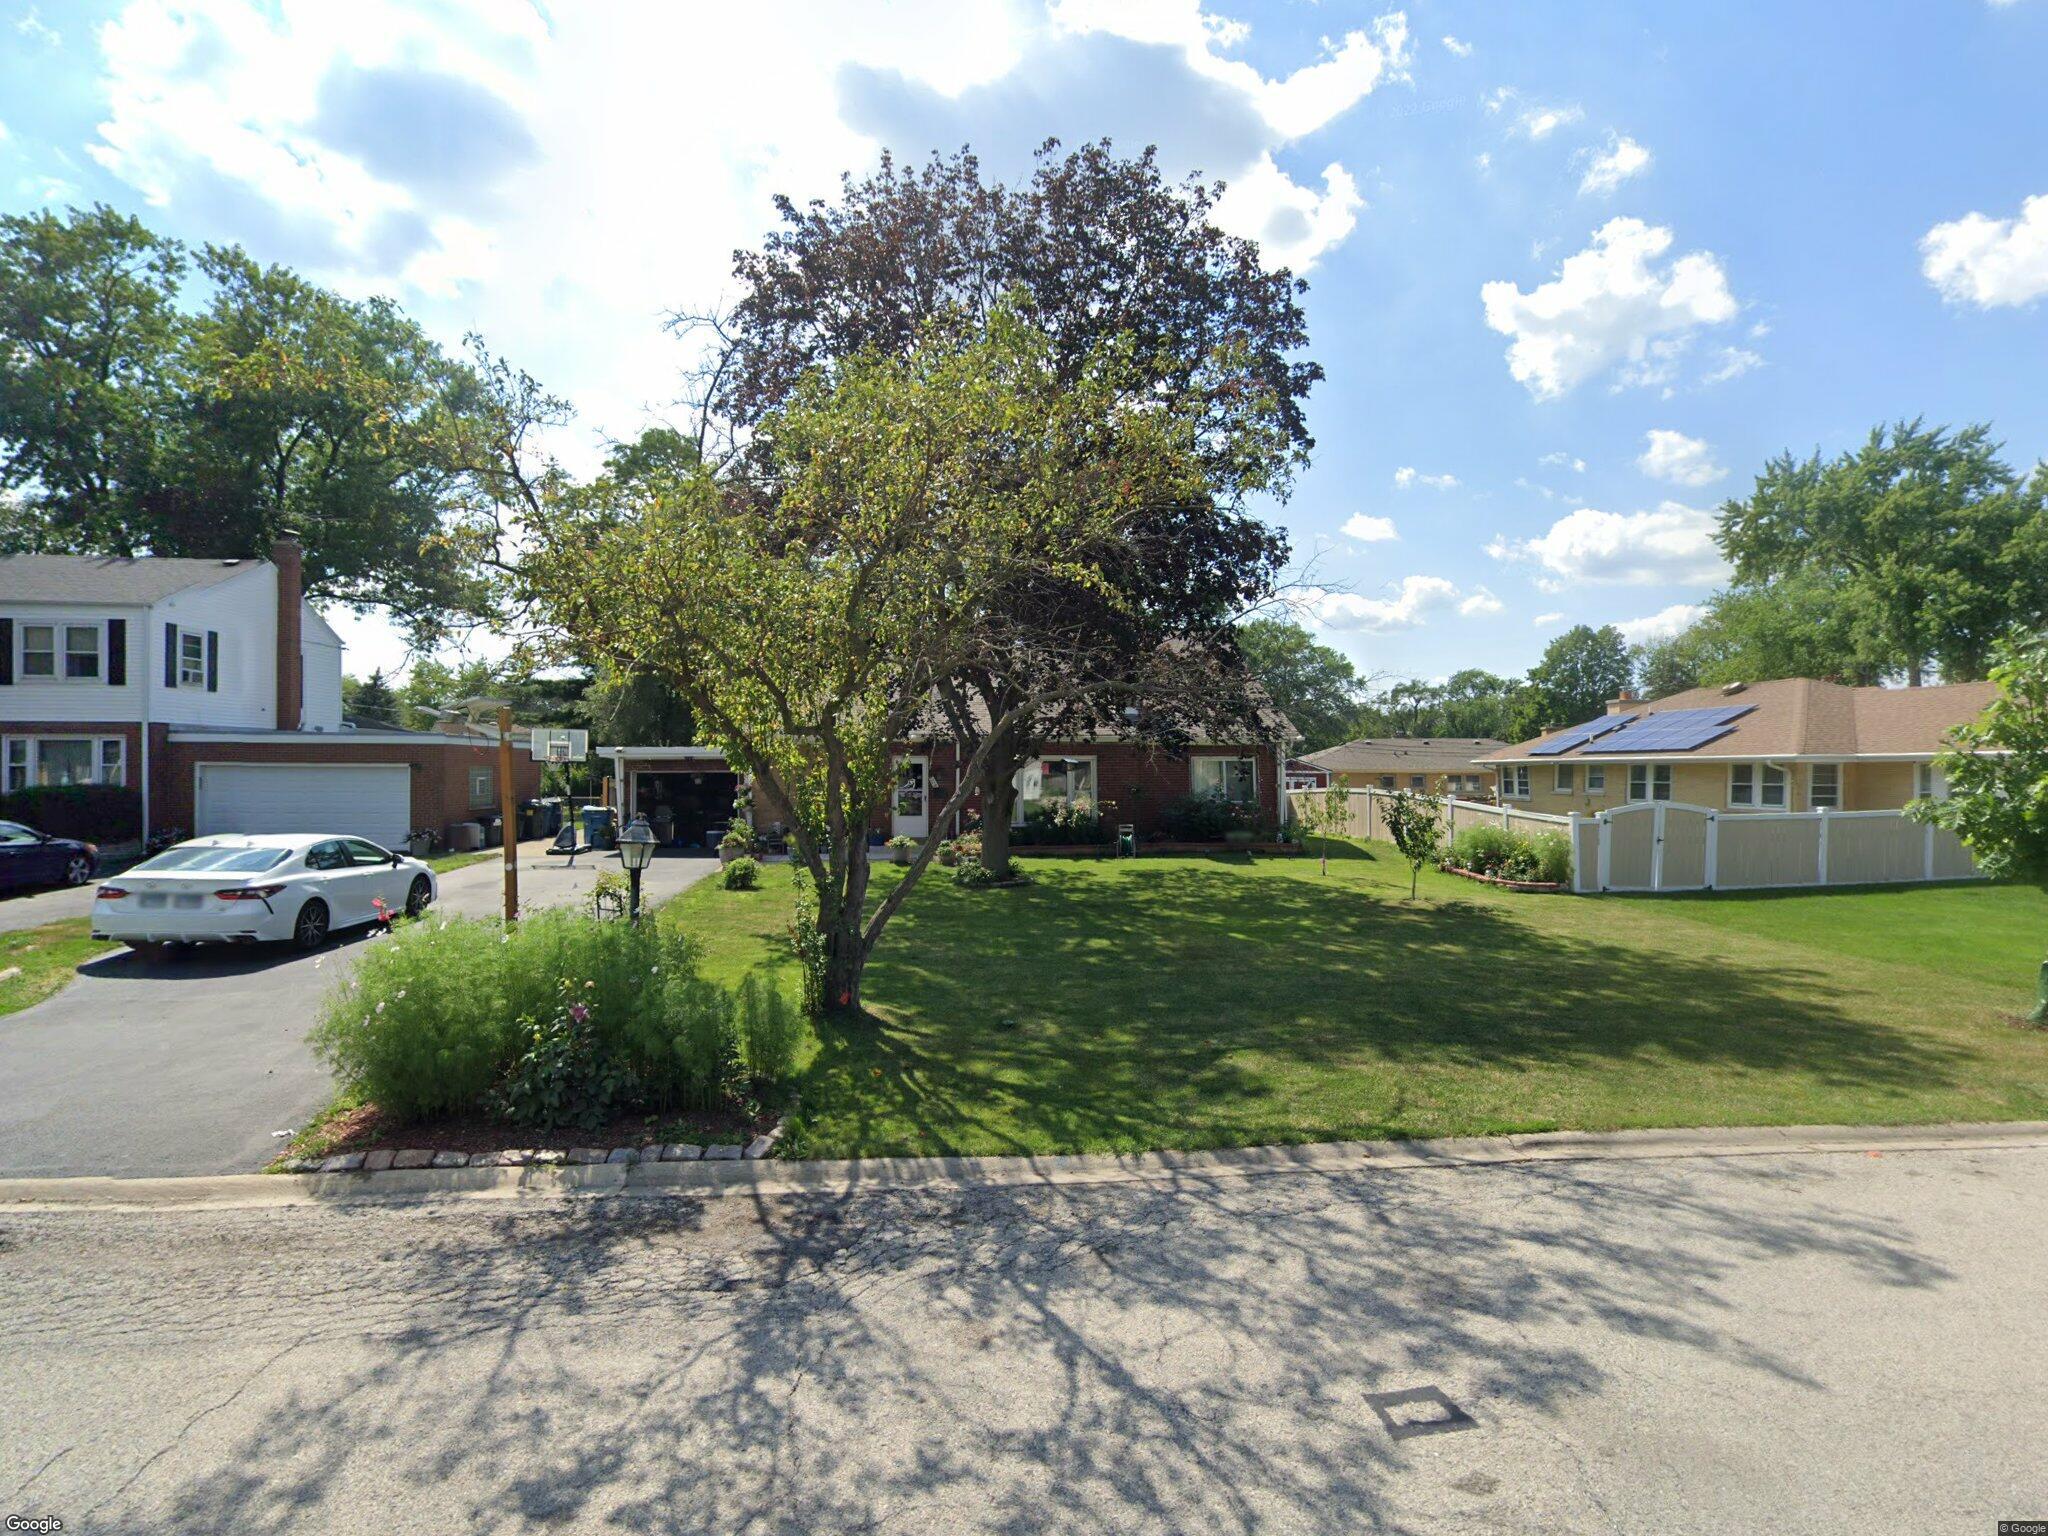 220 N Church Rd Bensenville Il 60106 Foreclosure Trulia